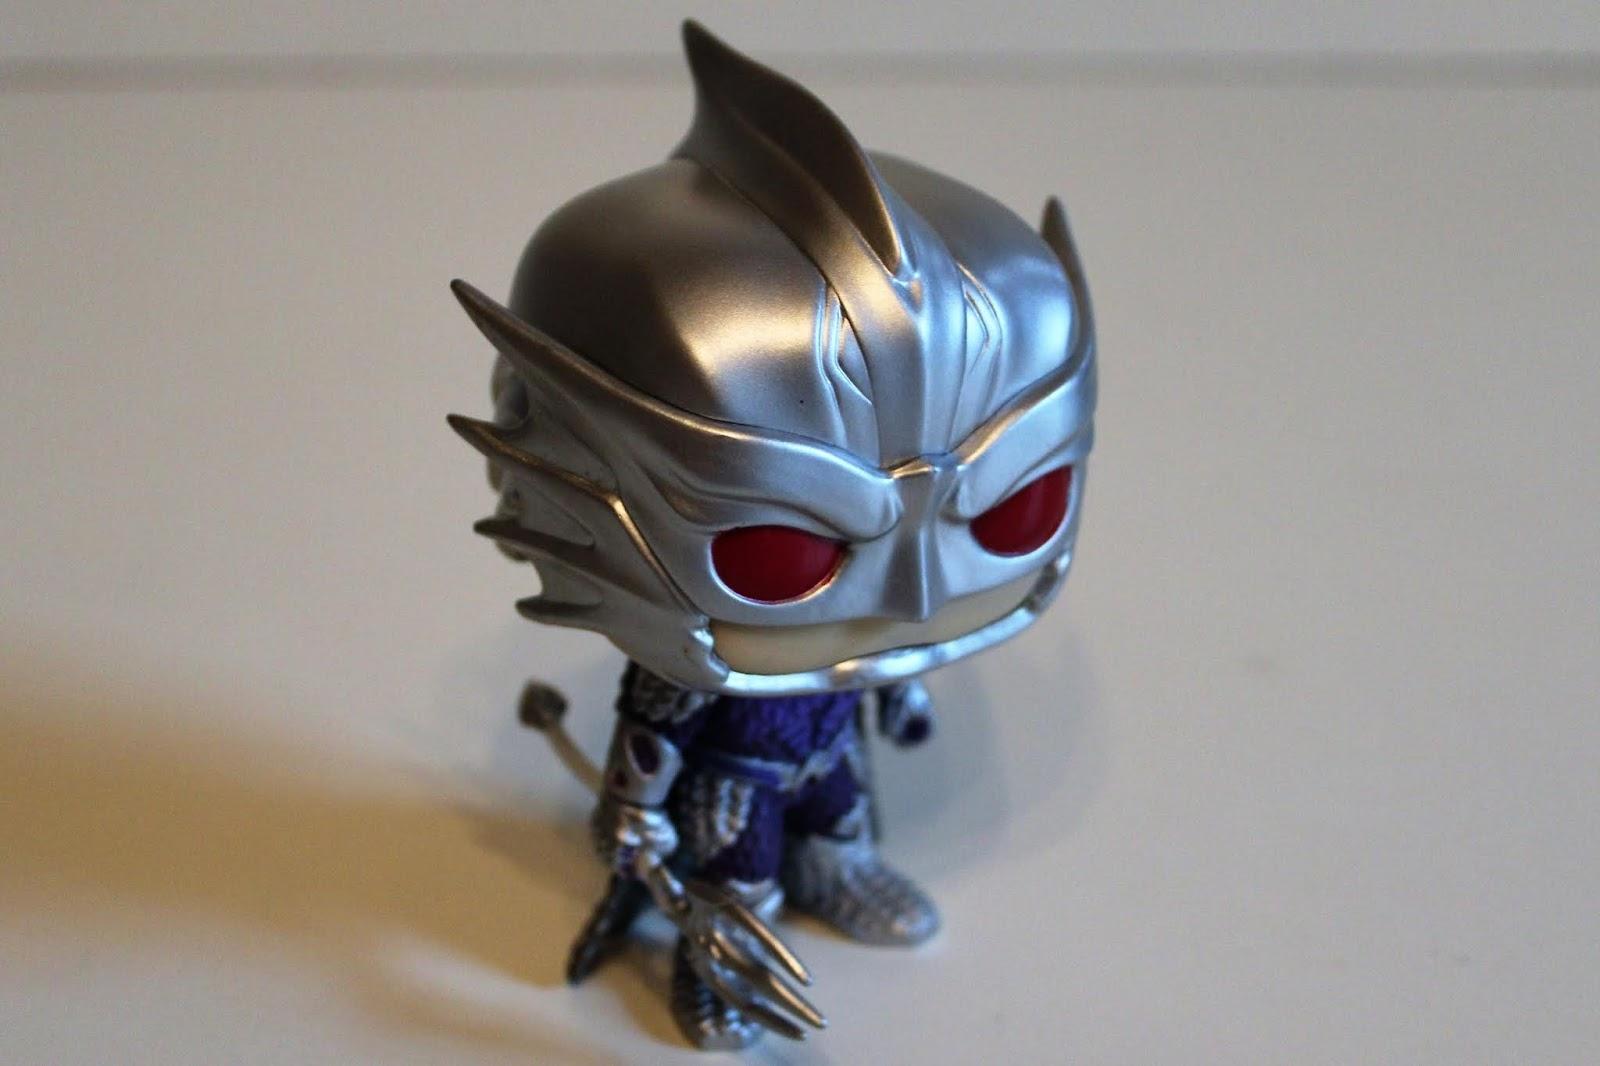 Orm 2018, Toy NEU Funko Pop Heroes Aquaman